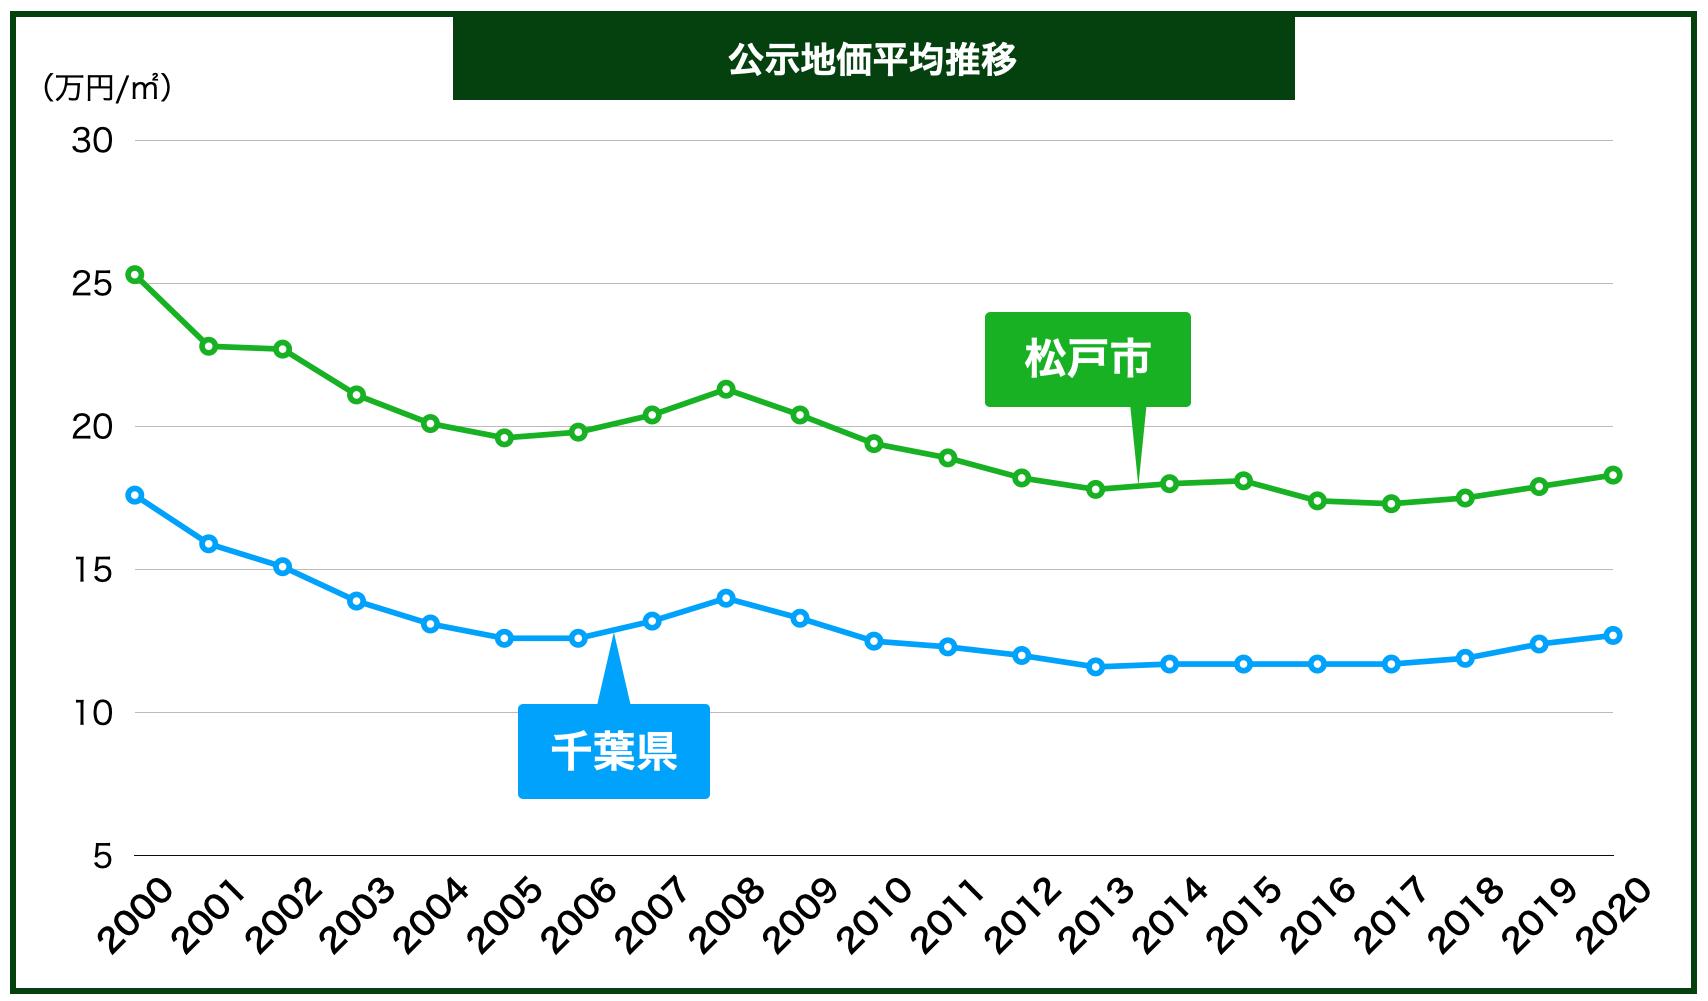 松戸市の公示地価の推移